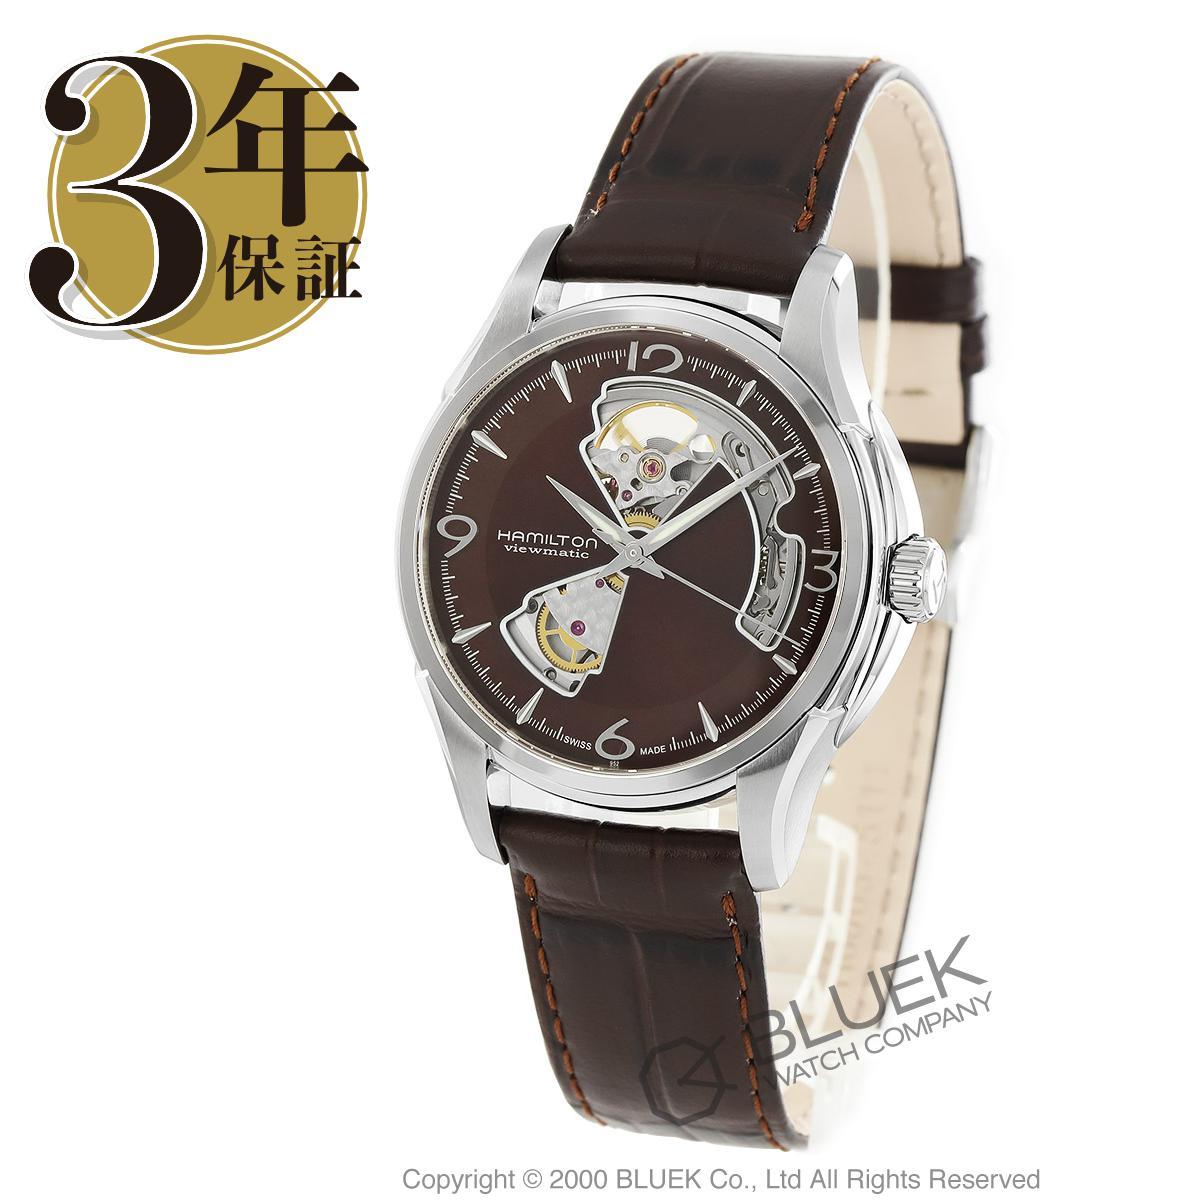 ハミルトン ジャズマスター ビューマチック オープンハート 腕時計 メンズ HAMILTON H32565595_8 バーゲン ギフト プレゼント